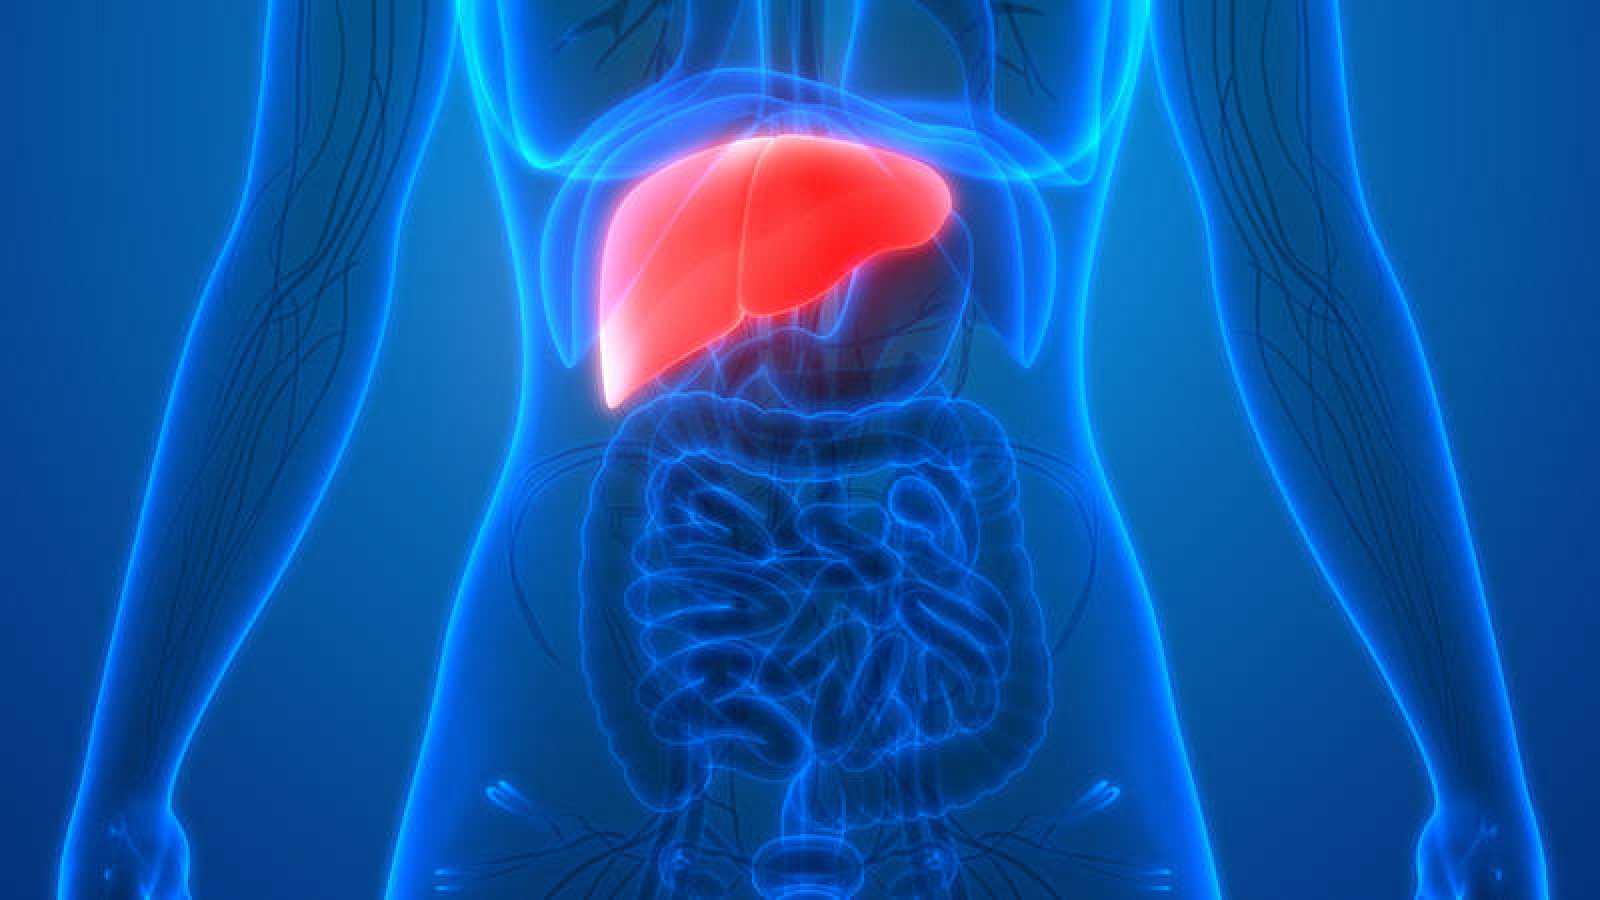 El cáncer de hígado es el más letal después de los del aparato respiratorio.